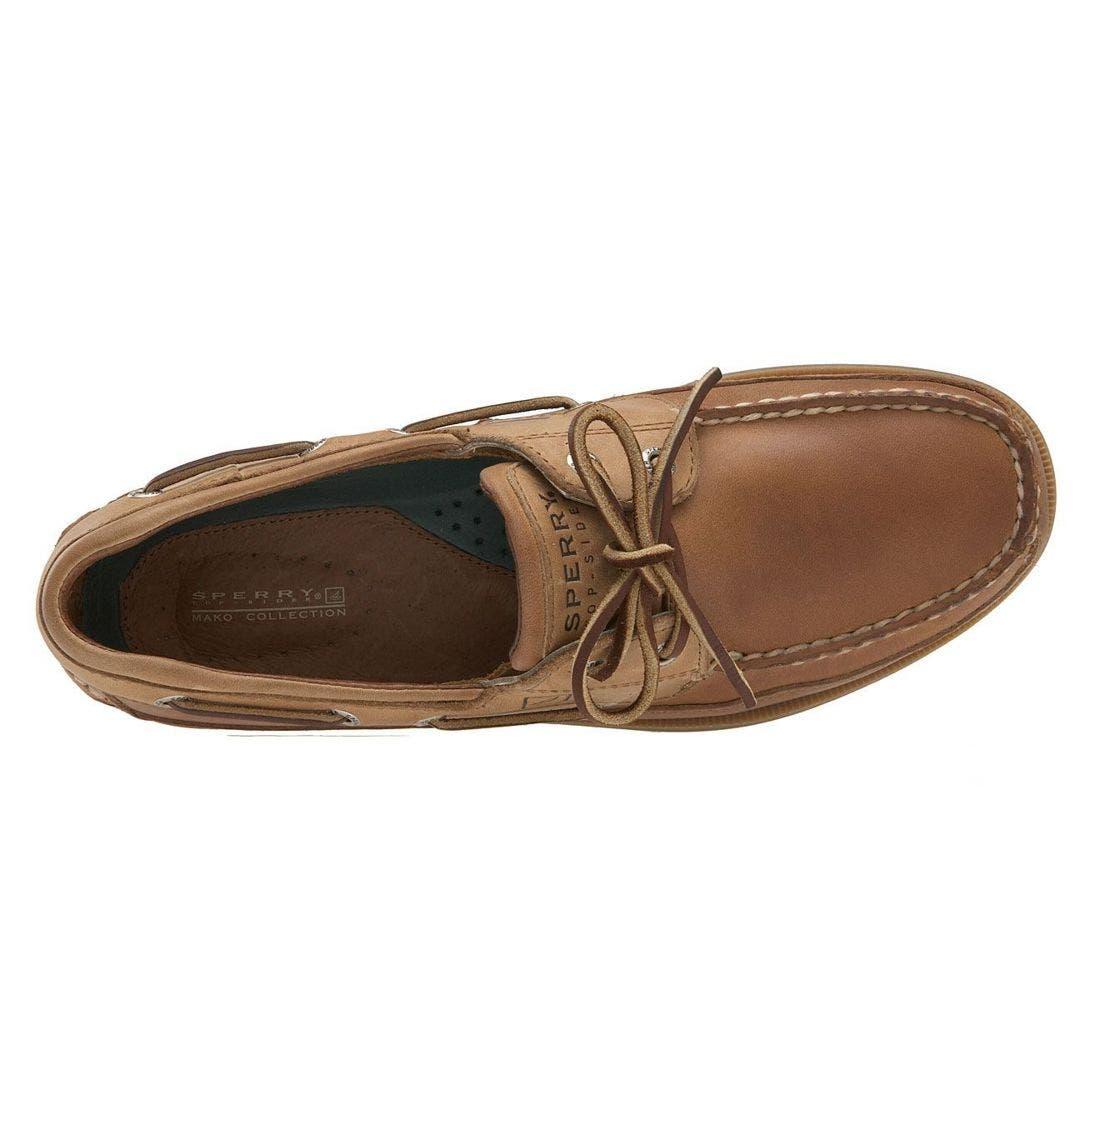 Top-Sider<sup>®</sup> 'Mako Two-Eye Canoe Moc' Boat Shoe,                             Alternate thumbnail 8, color,